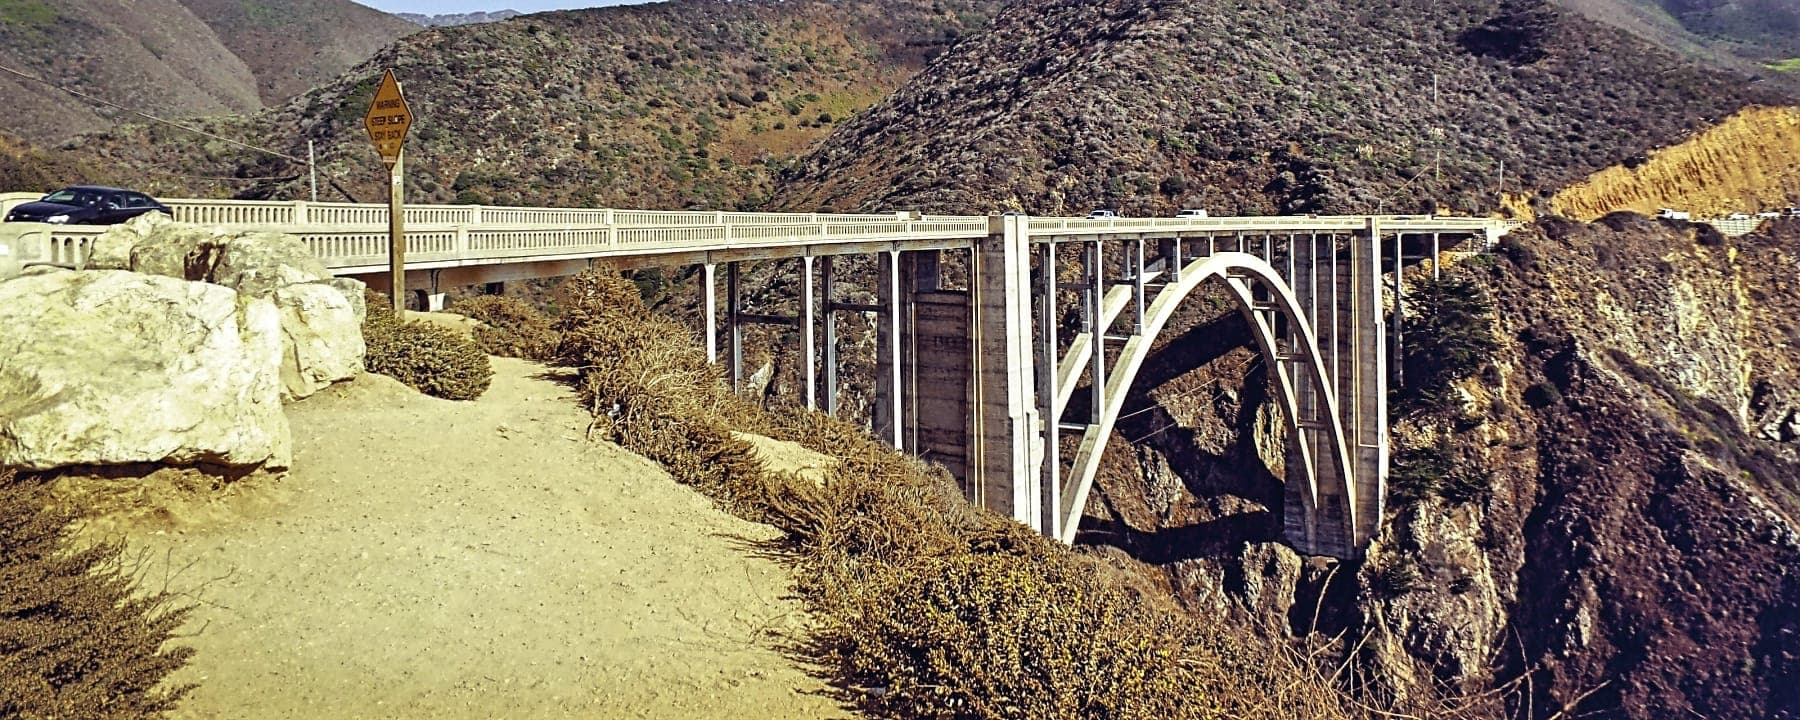 San Luis Obispo to Monterey Bay